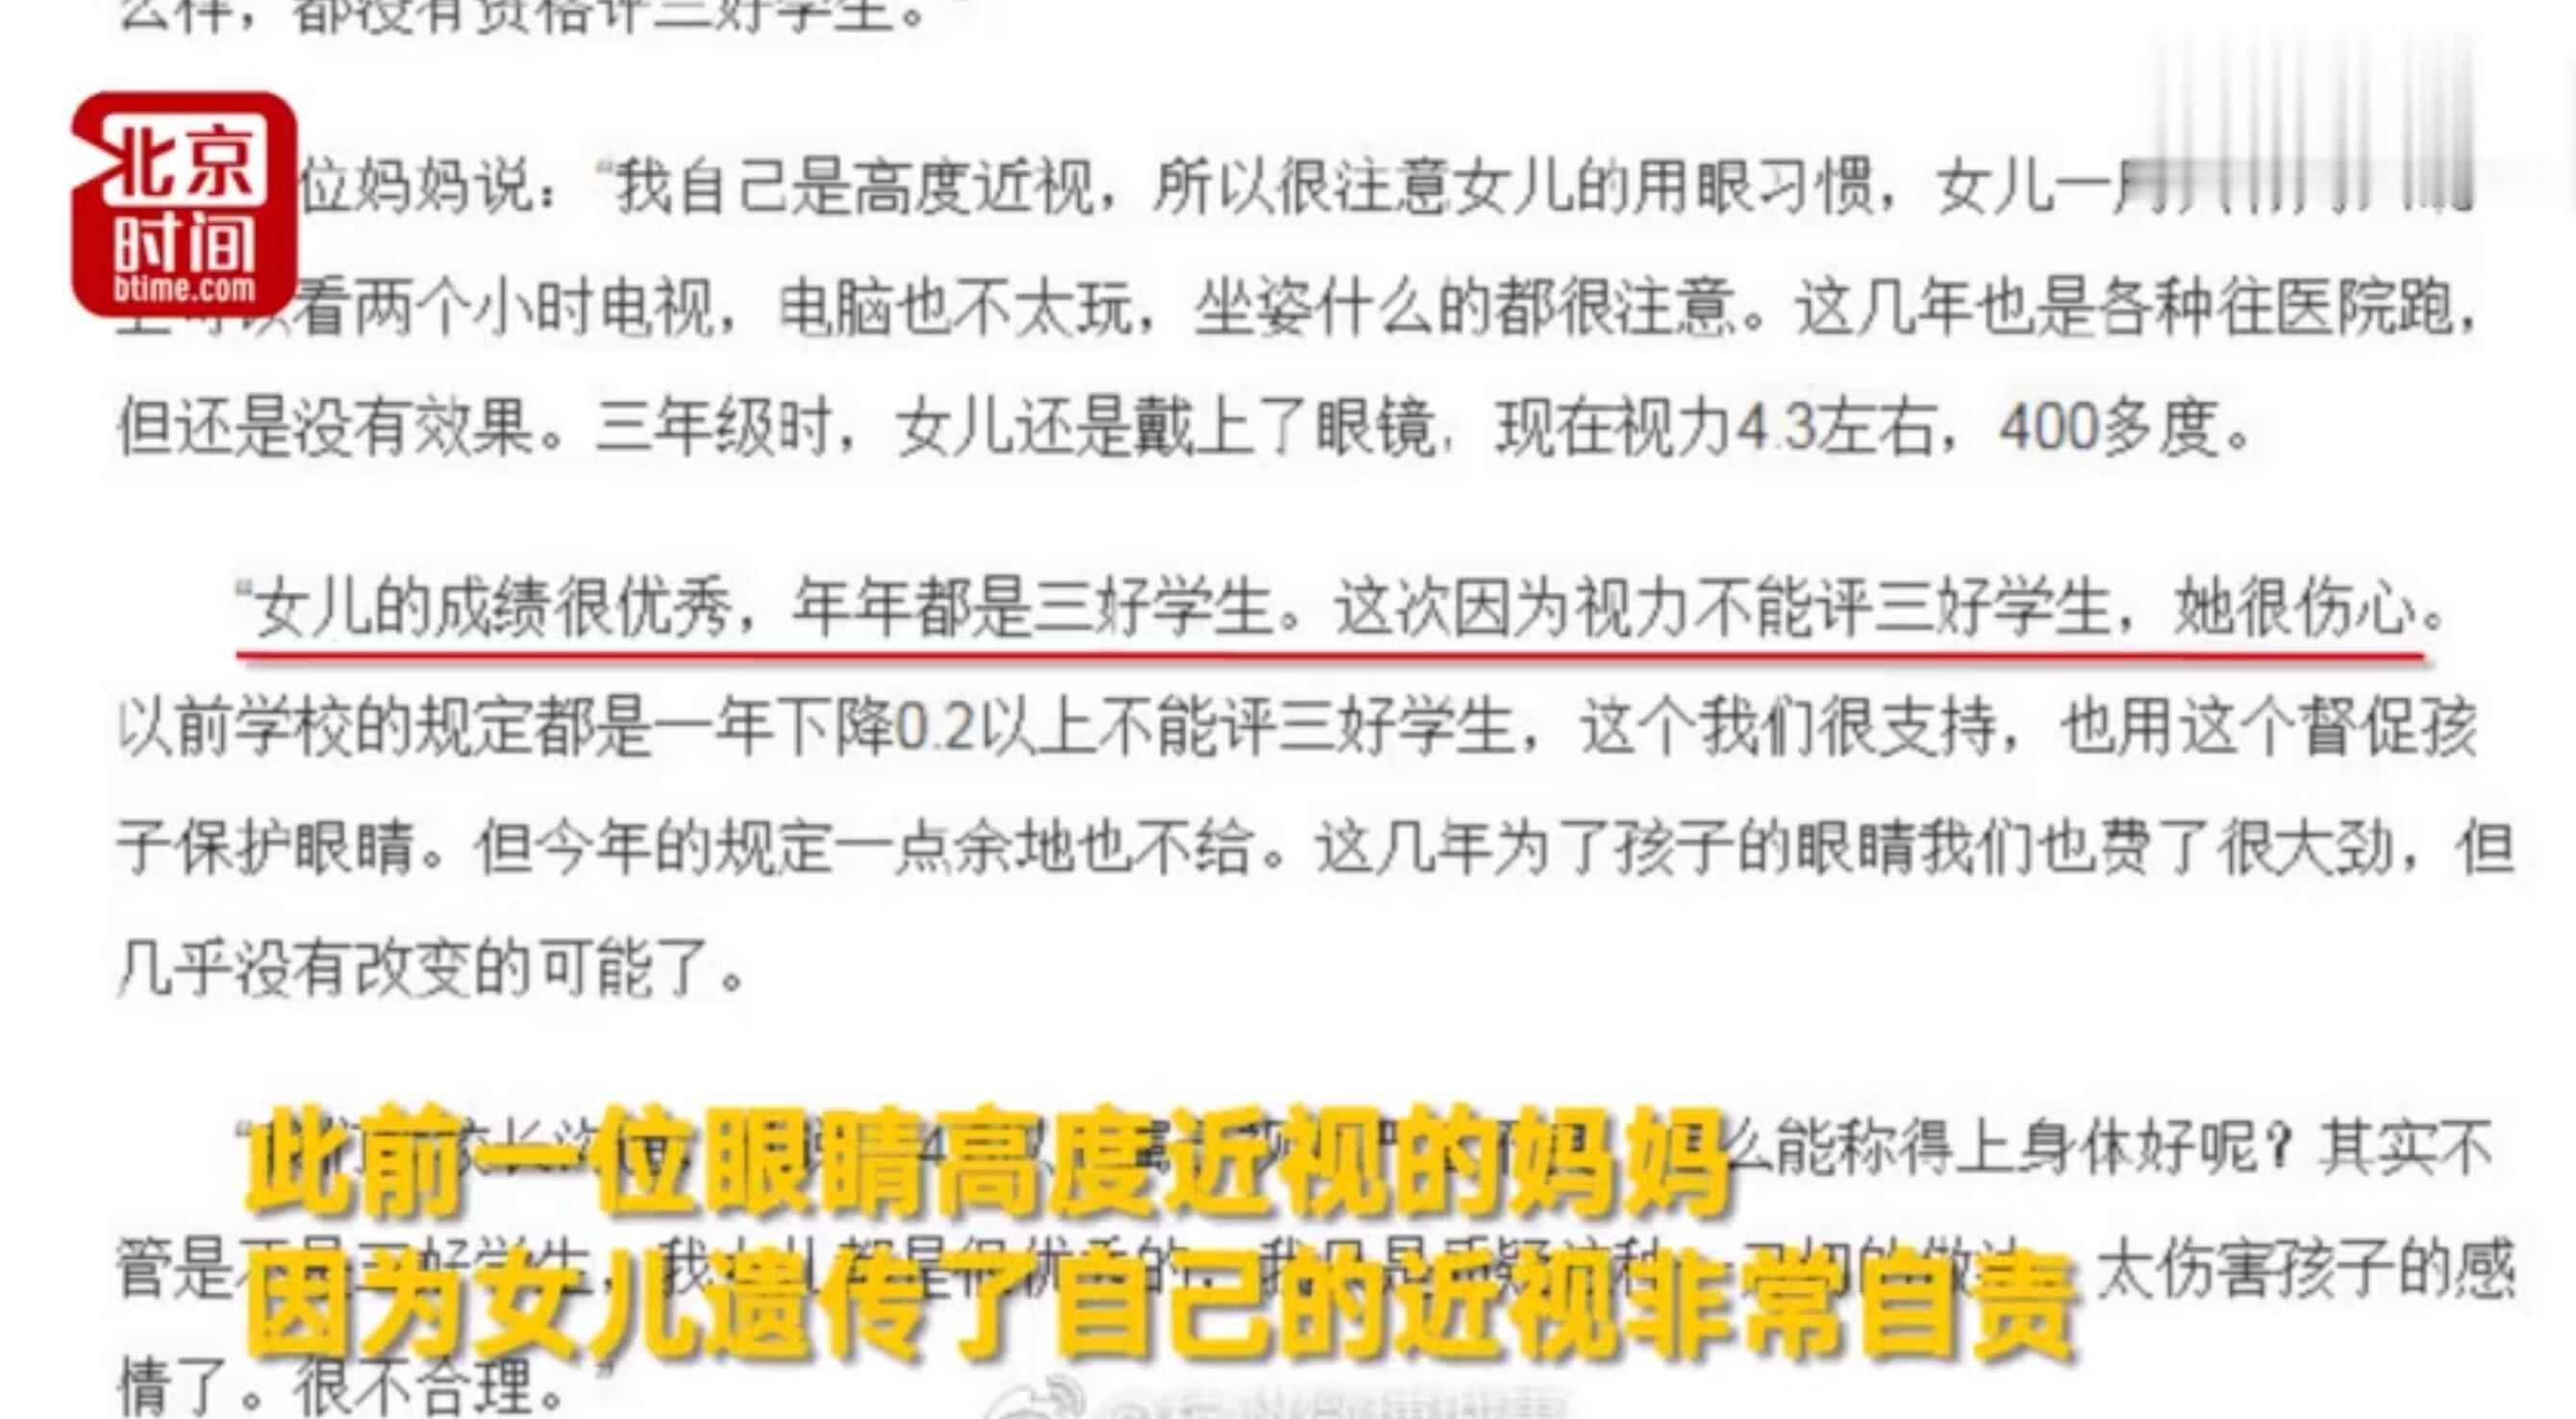 杭州某校视力低于5.0不能评三好学生引热议 相关部门给出回应